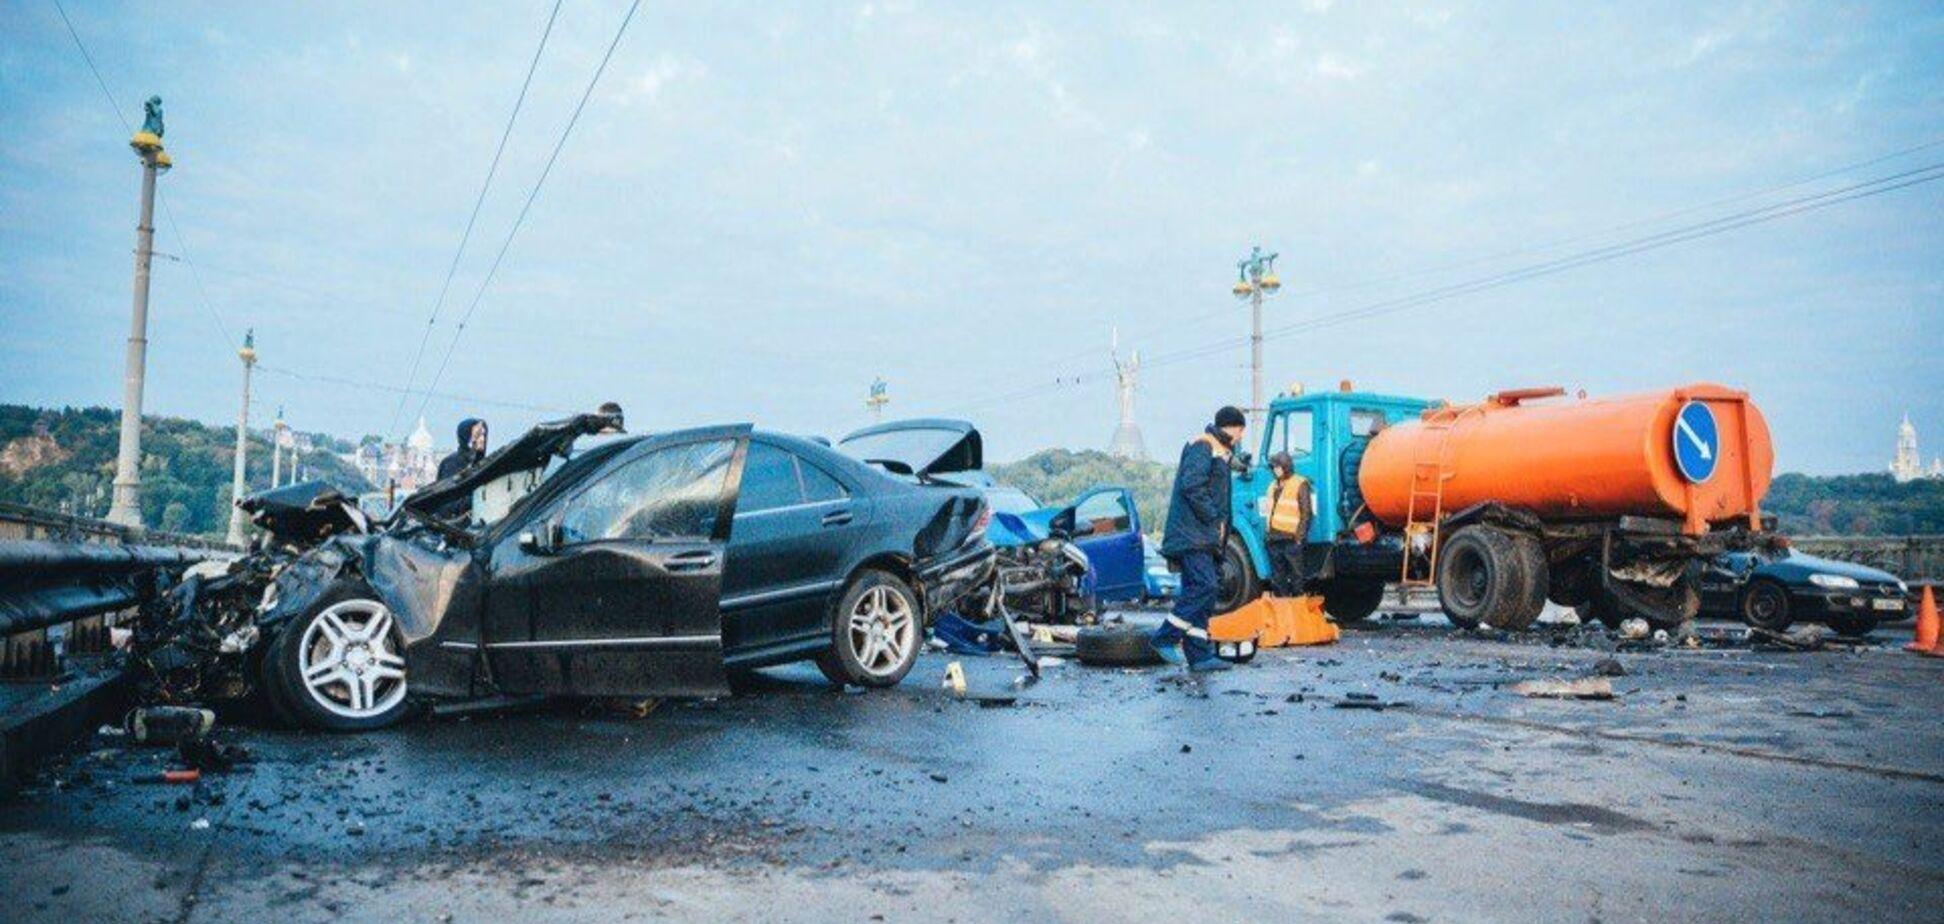 Чому на вулицях та дорогах України небезпечно: як ситуацію можна виправити